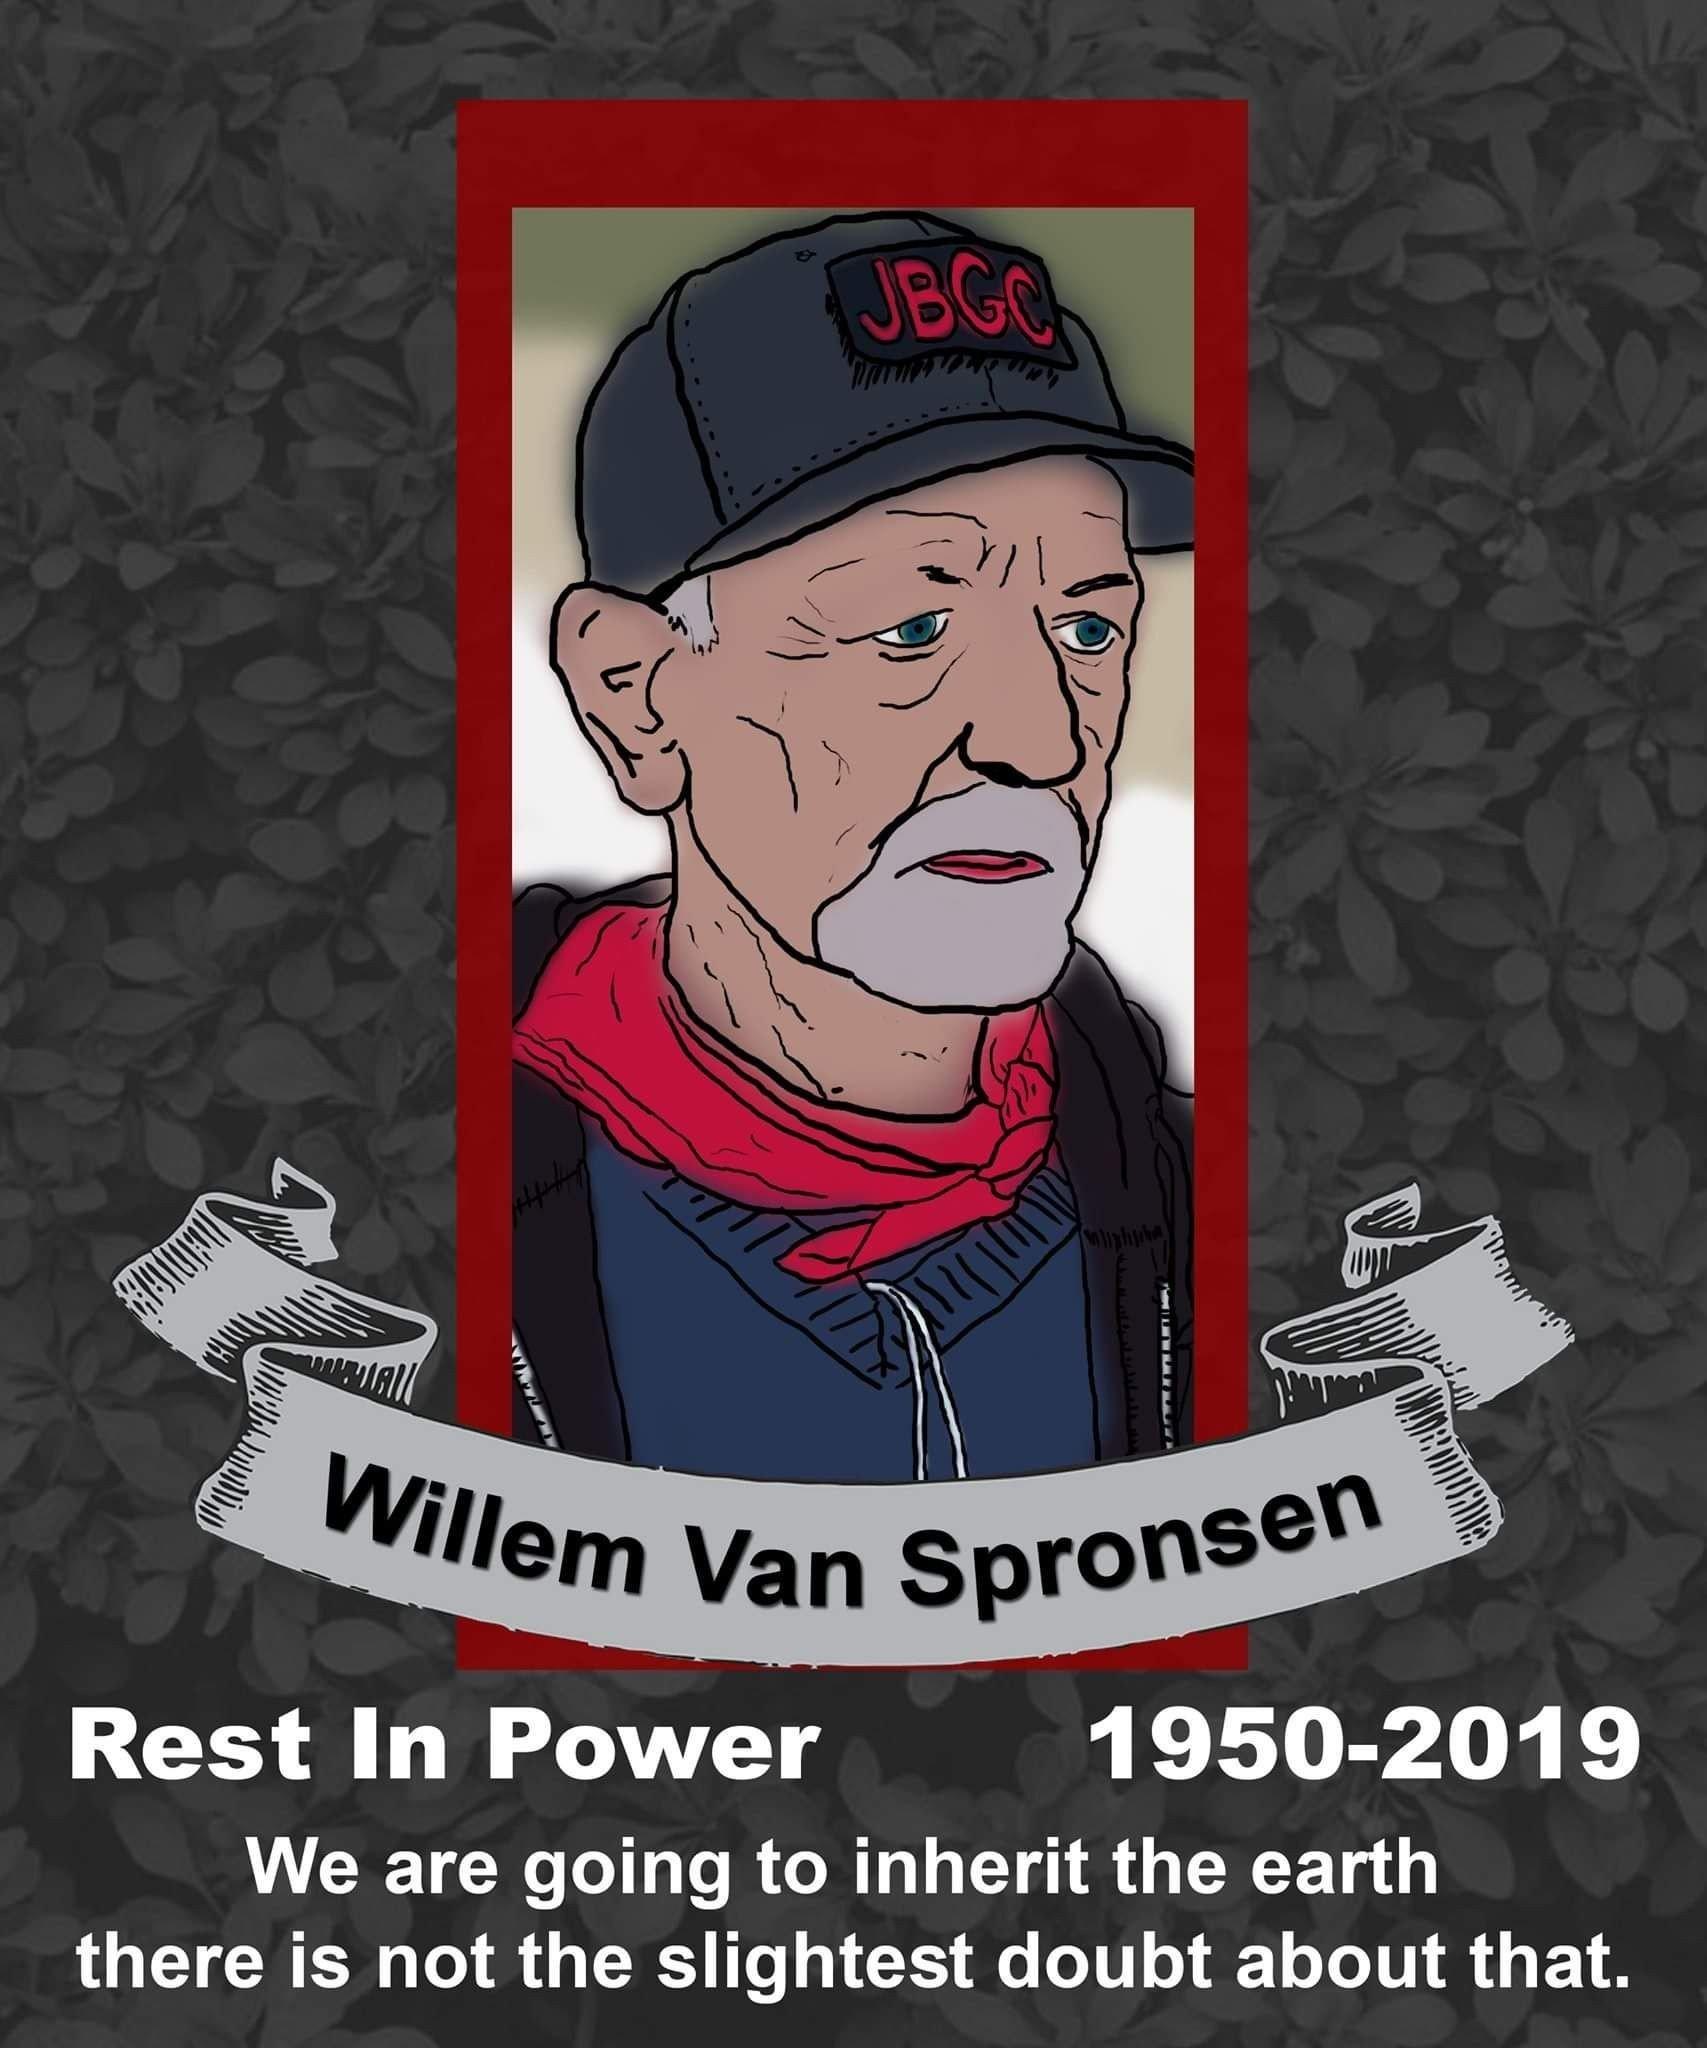 willem-van-spronsen-rest-in-power